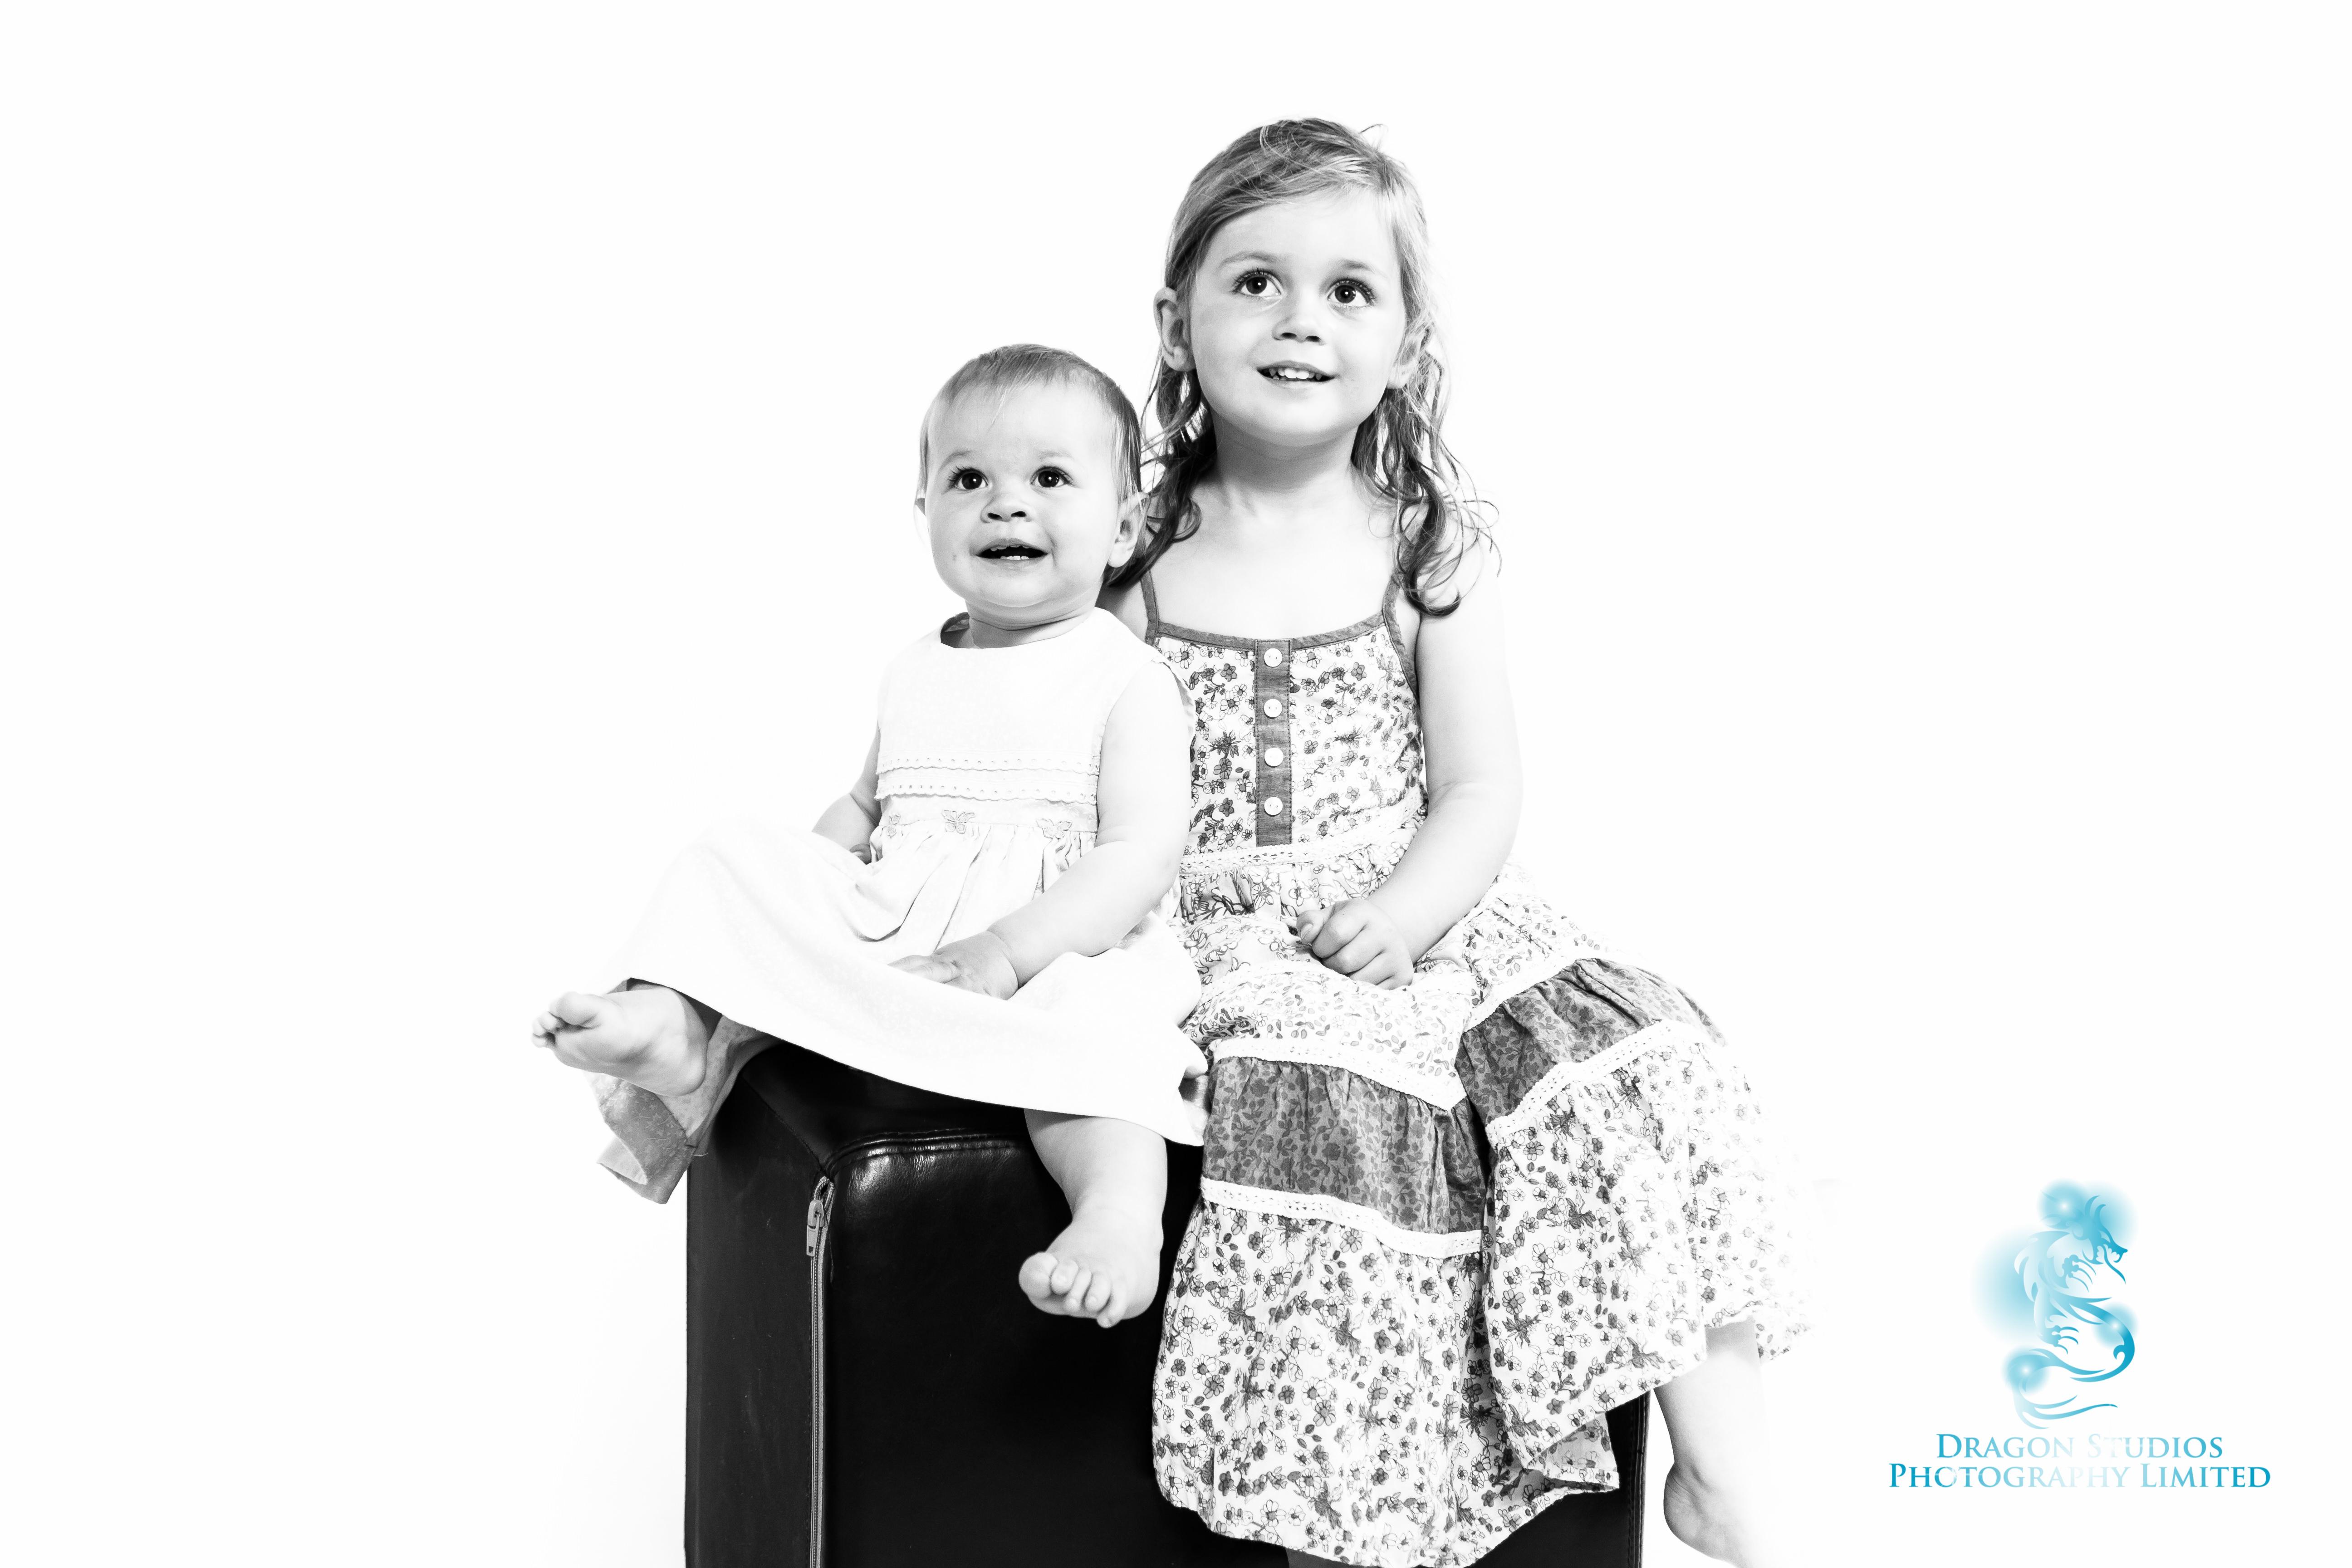 YorkshirePhotographyStudio